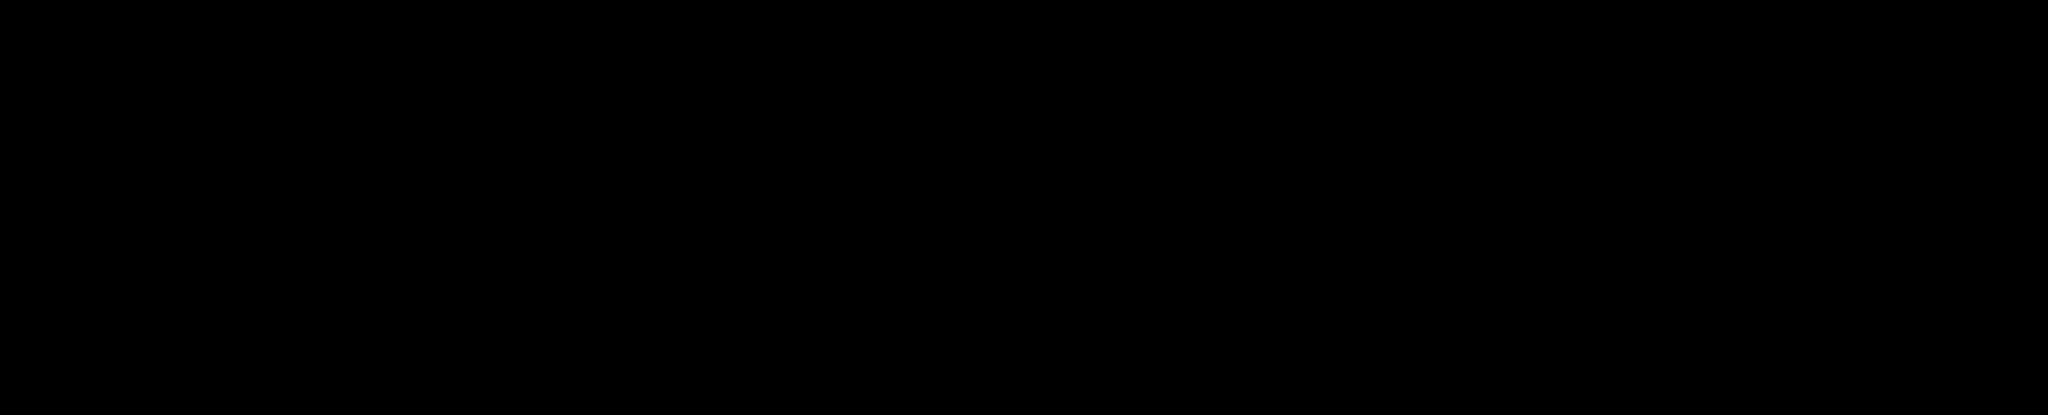 FeedPress's logo